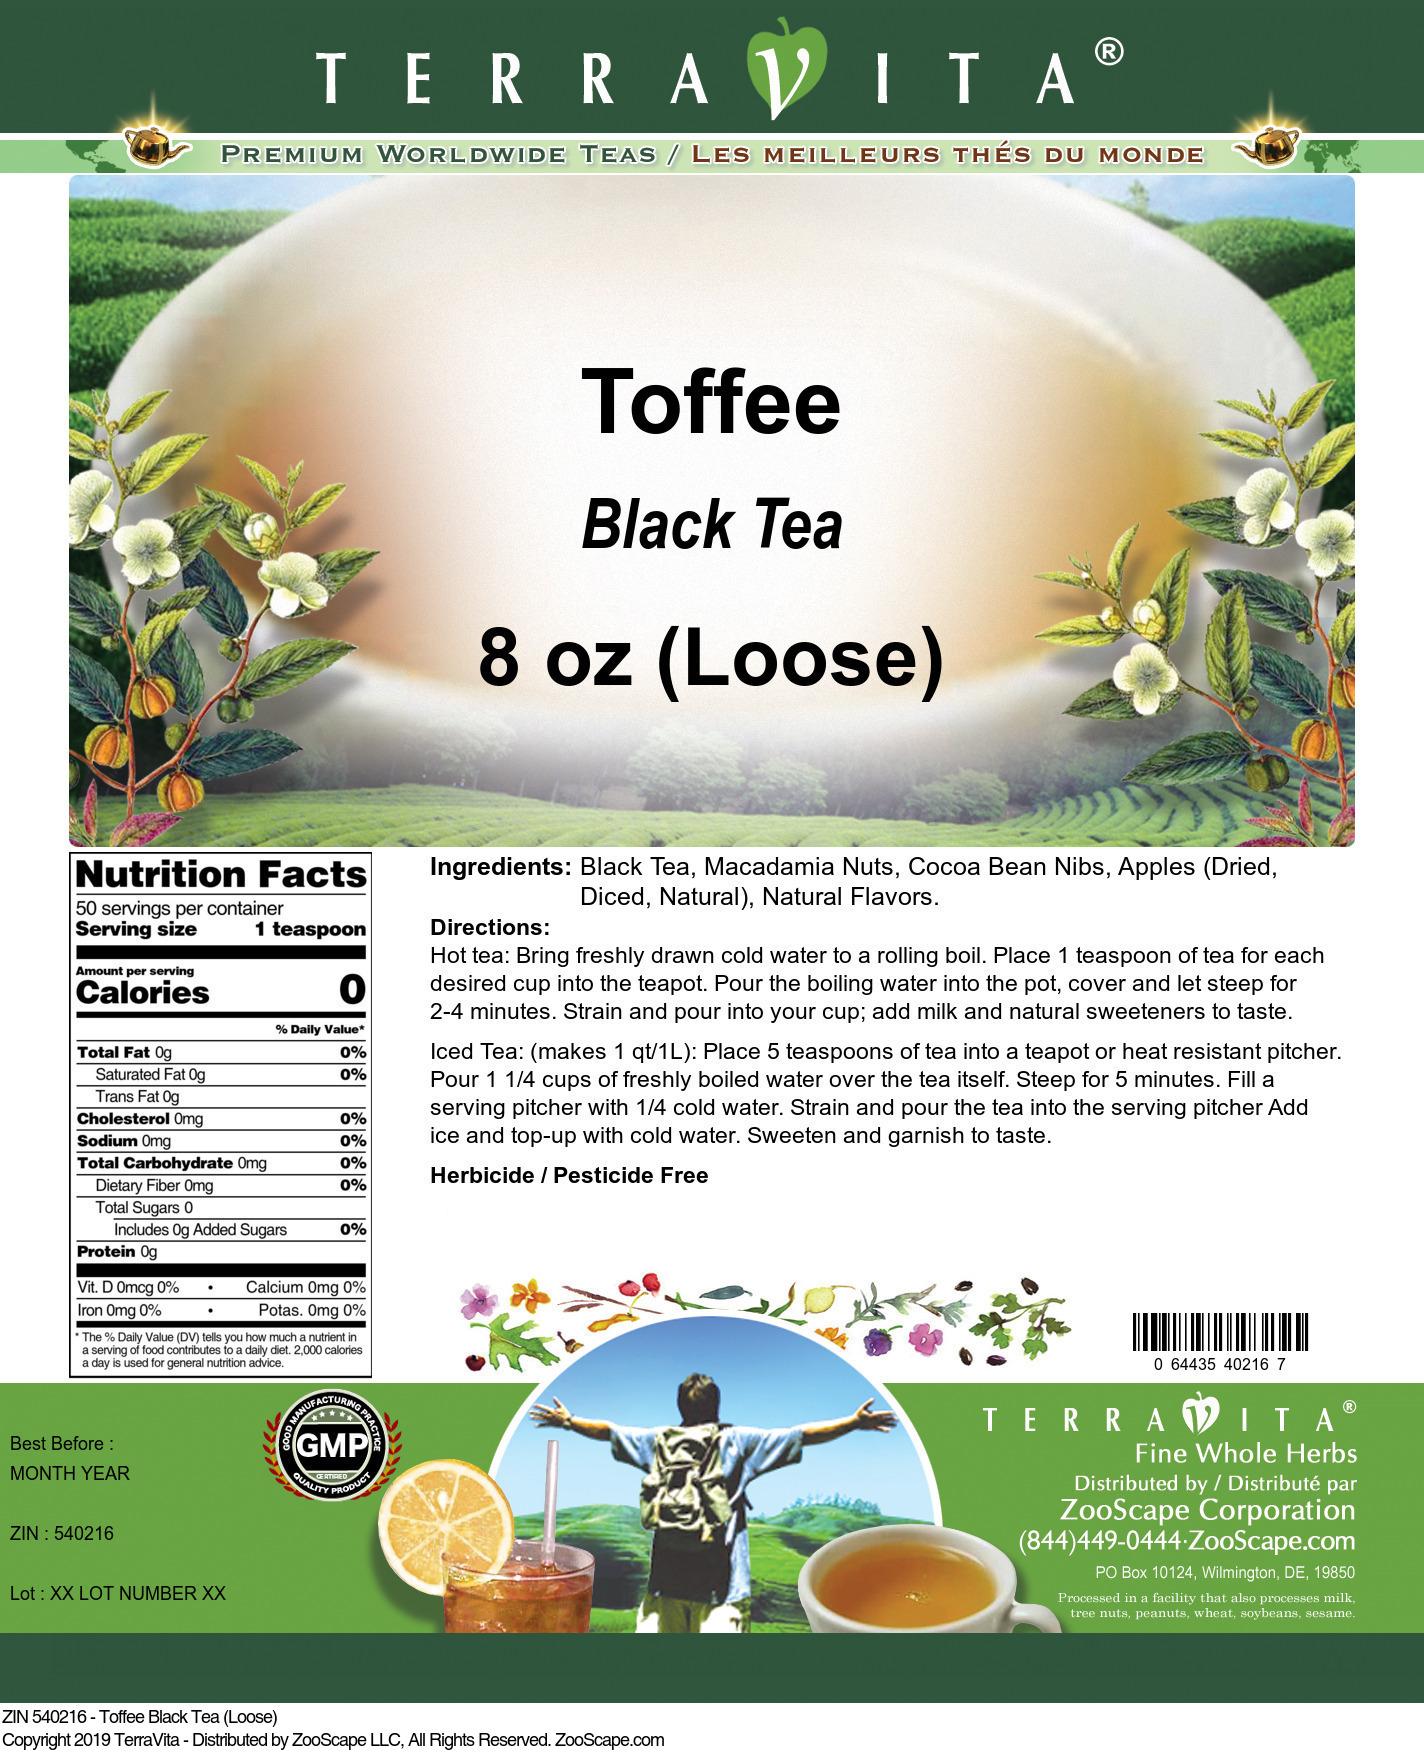 Toffee Black Tea (Loose)